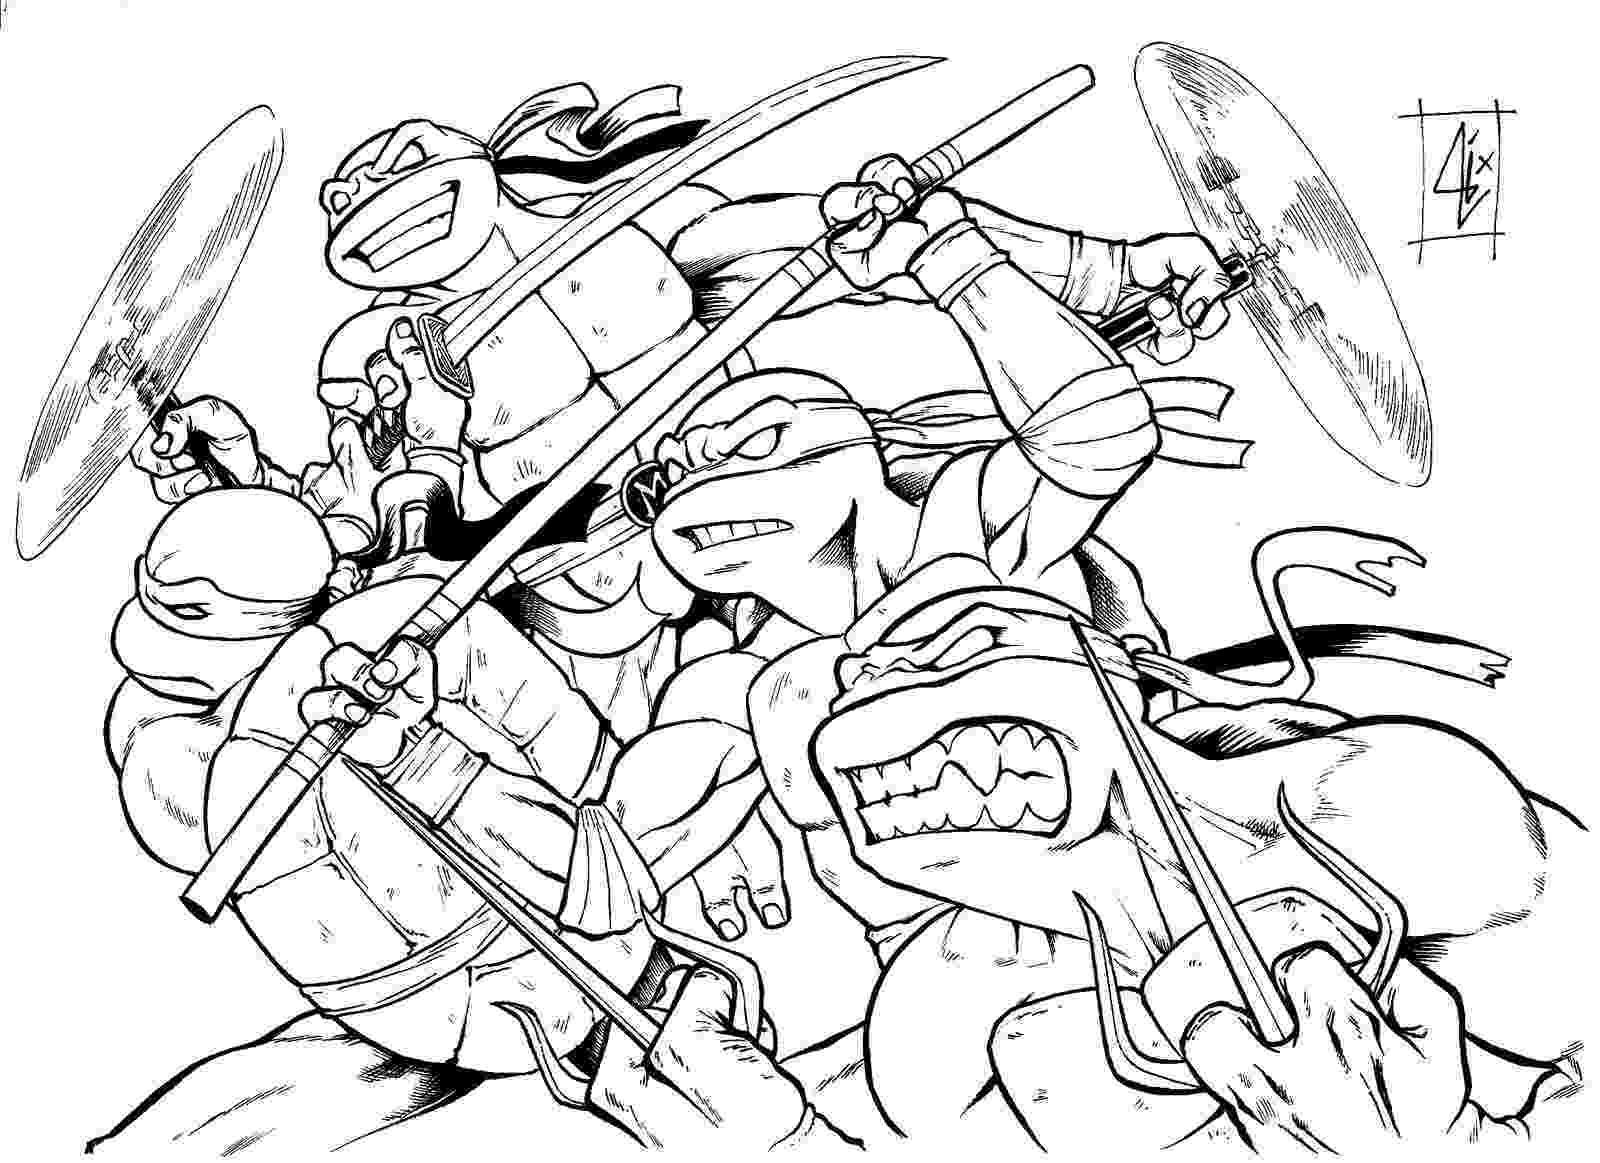 coloring pages turtles ninja ninja turtle coloring pages free printable pictures pages coloring ninja turtles